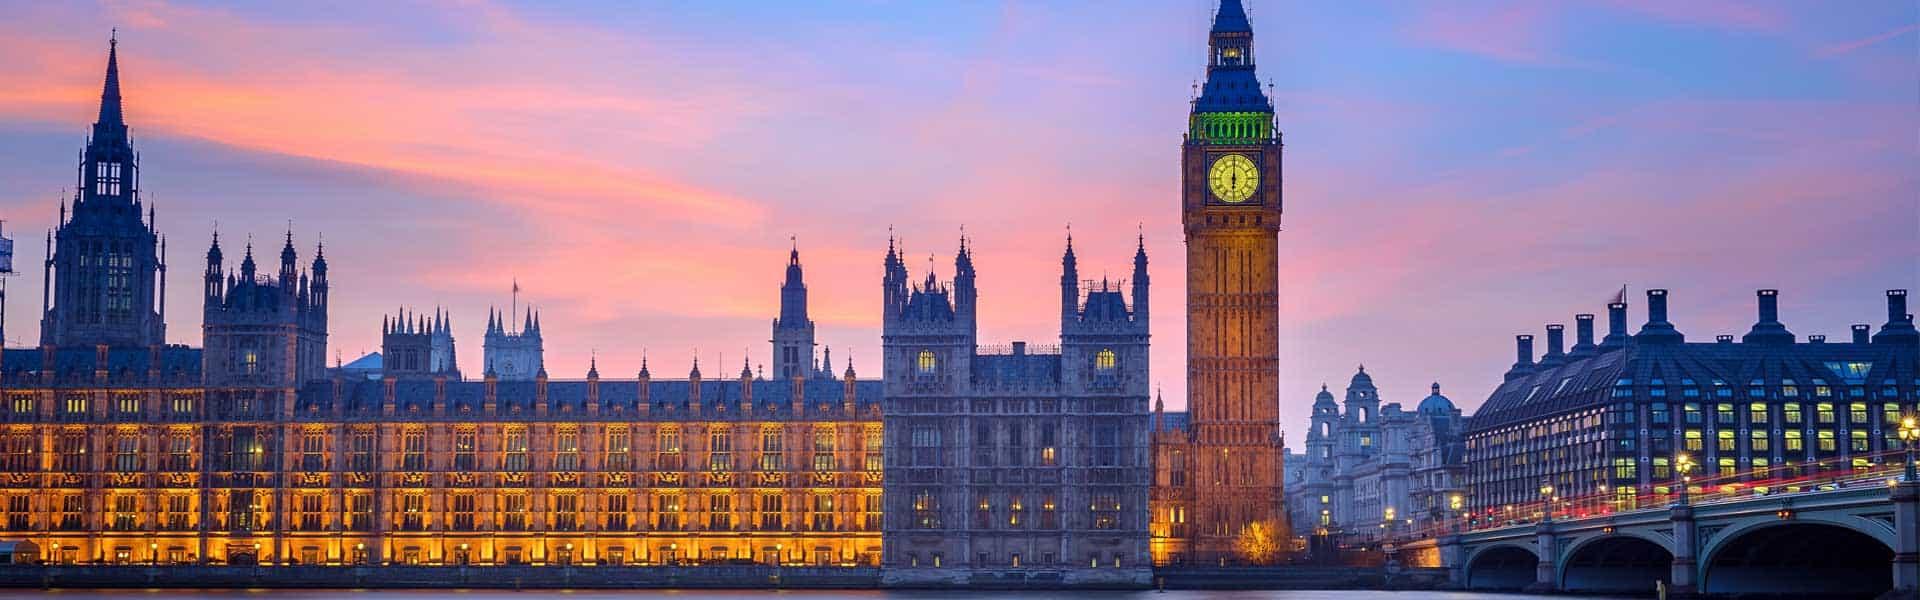 Diesen Glockenschlag kennt jeder: Lauschen Sie den eindrucksvollen Klängen des Big Ben in London, England